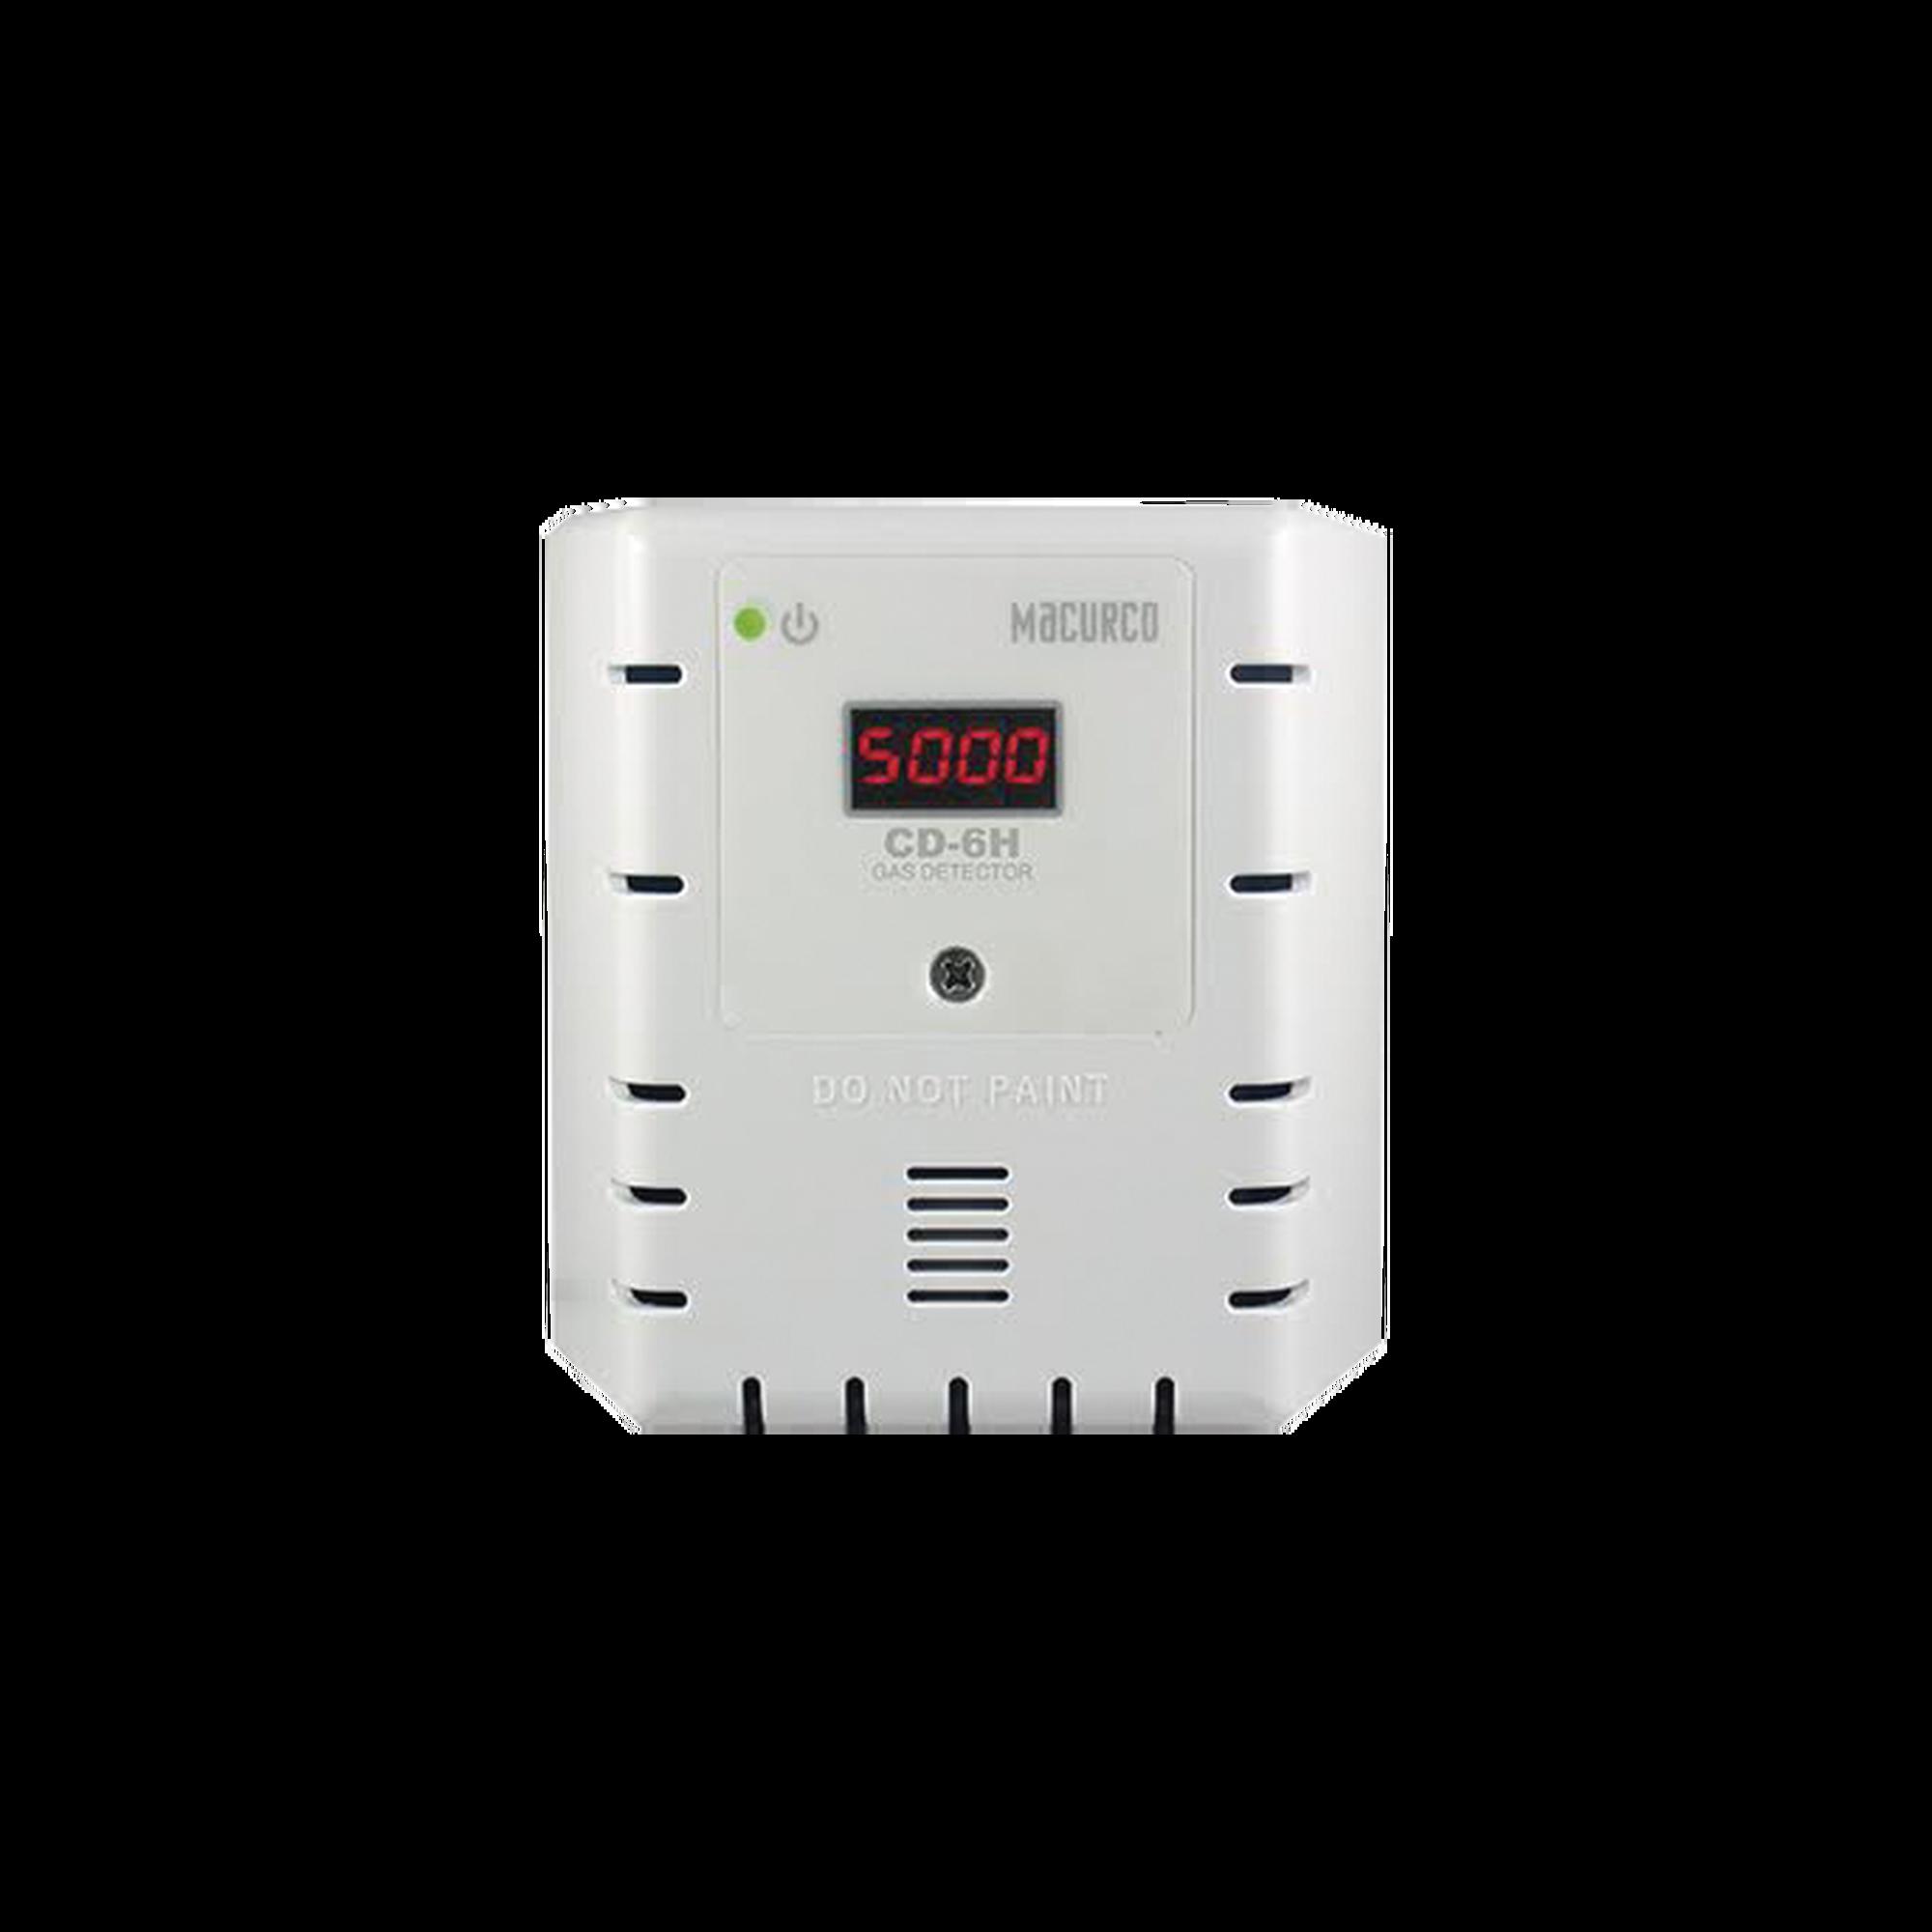 Detector, Controlador y Transductor de Dioxido de Carbono para Panel de Deteccion de Incendio